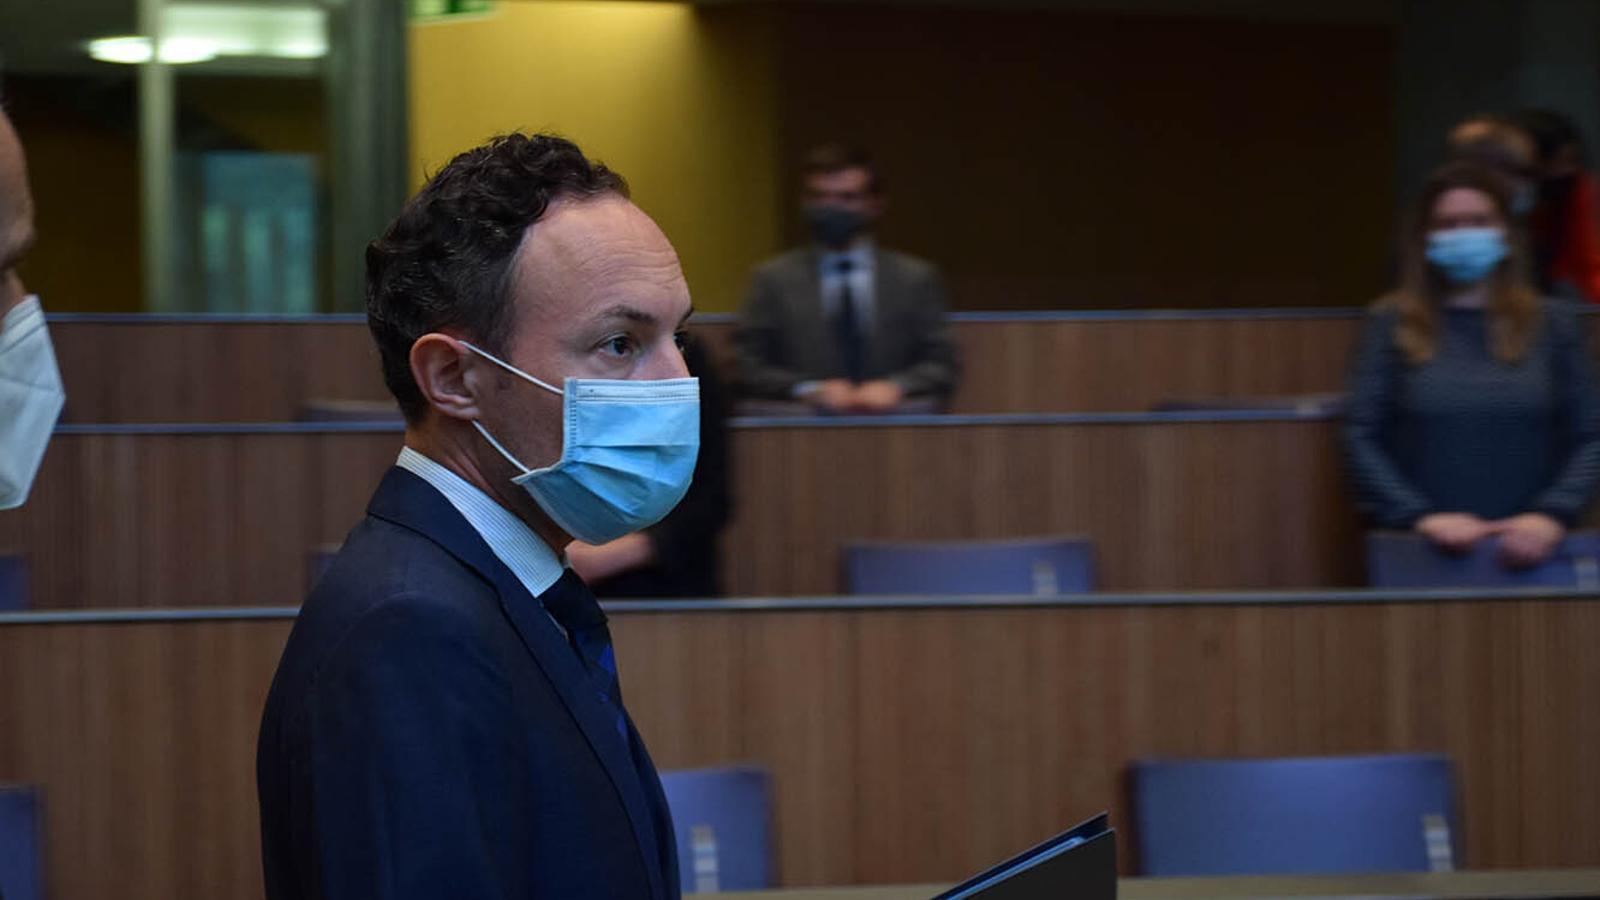 El cap de Govern, Xavier Espot, aquest dimecres al Consell General durant el debat d'orientació política / MF